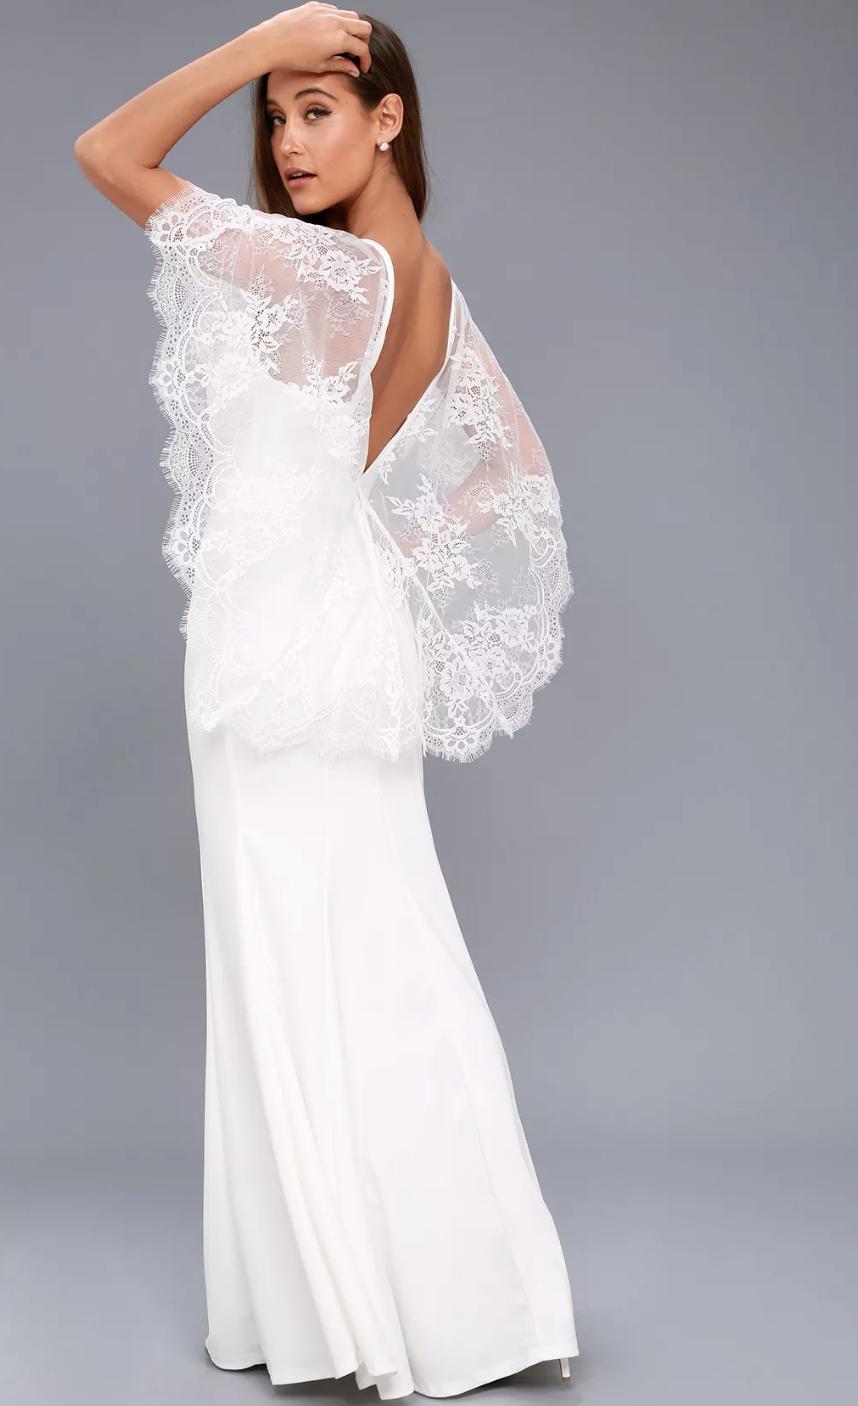 Amelie White Lace Maxi Dress - $98